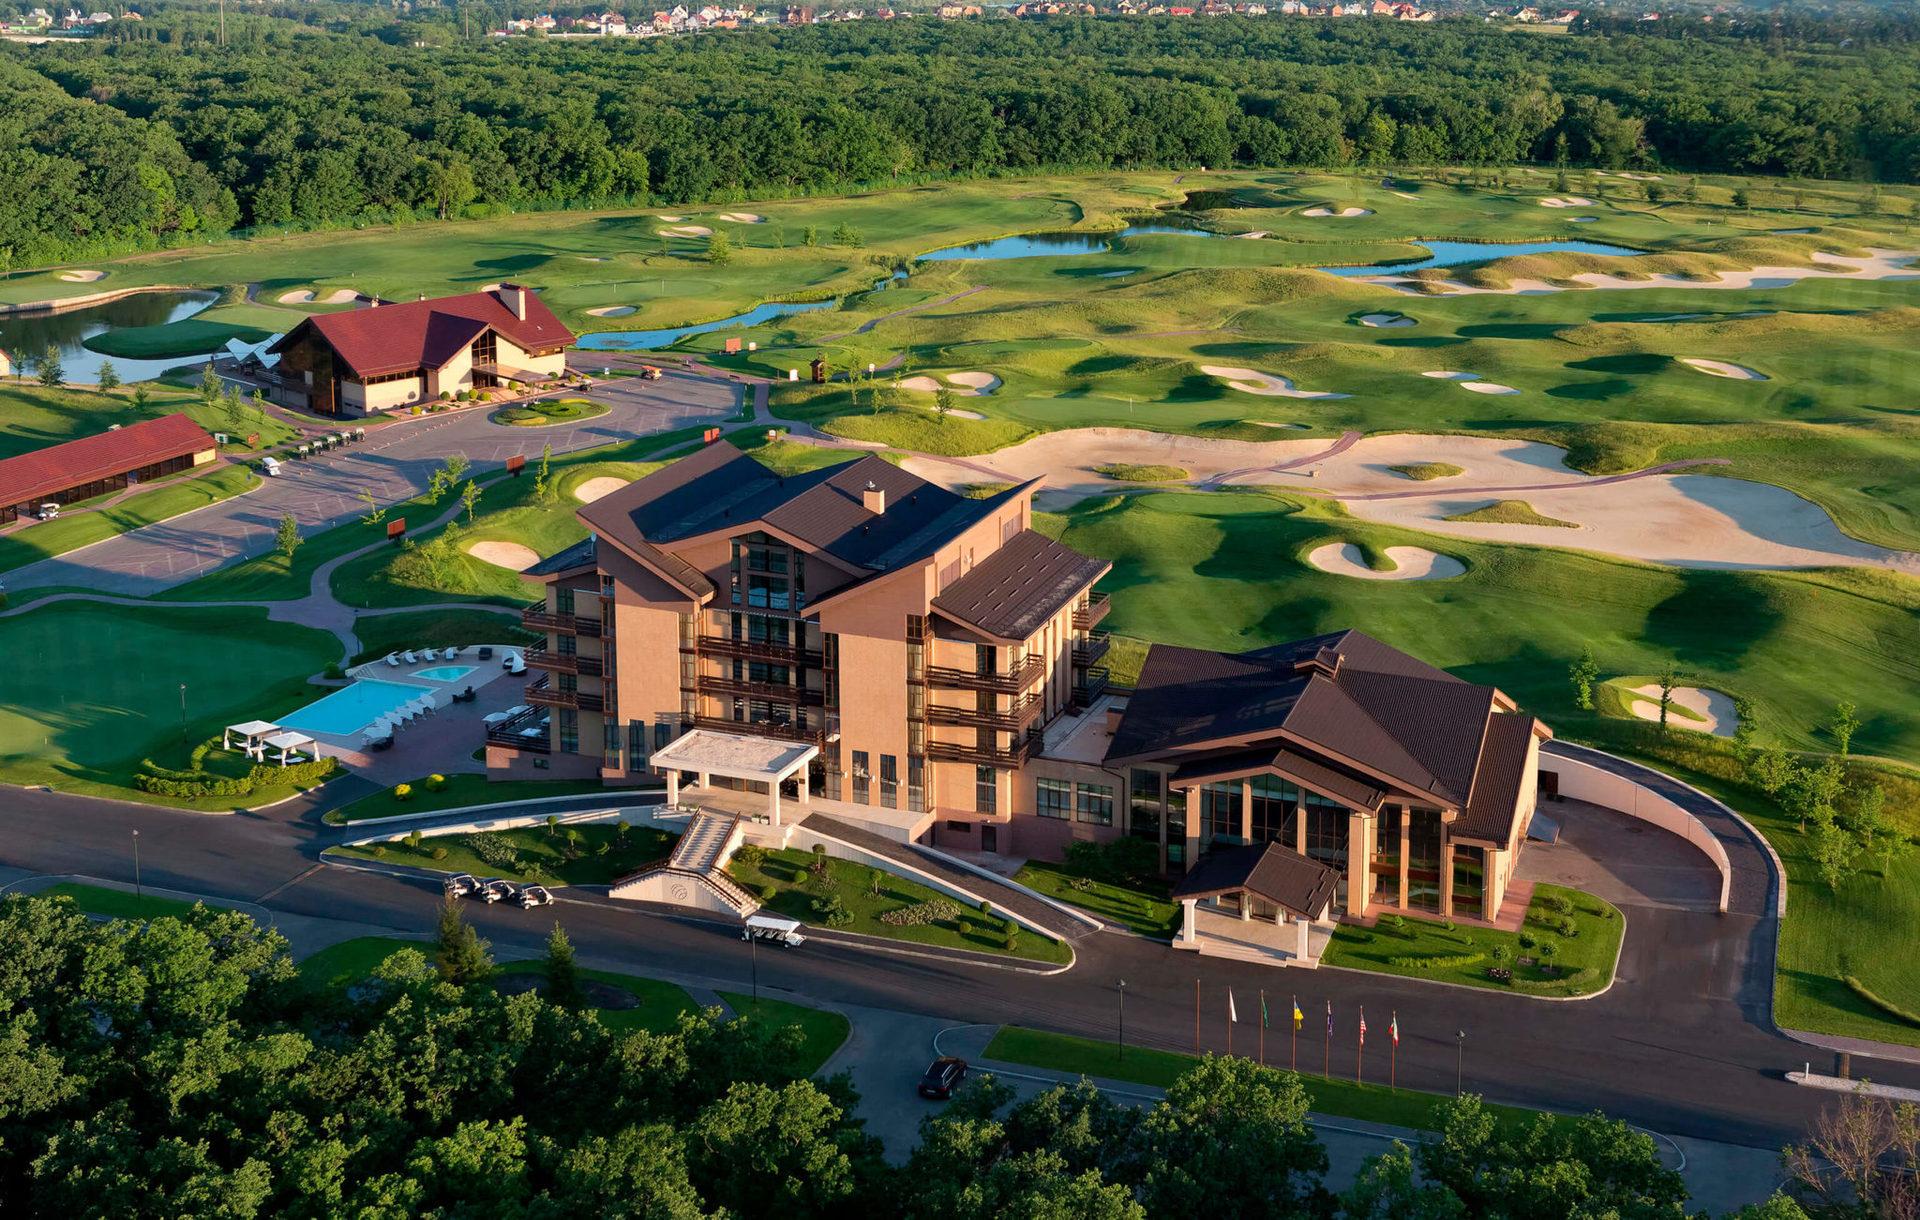 Единственный в Украине гольф-курорт, включающий пятизвездочный бутик-отель, гольф-клуб Superior и ресторан изысканной европейской кухни Albatross.